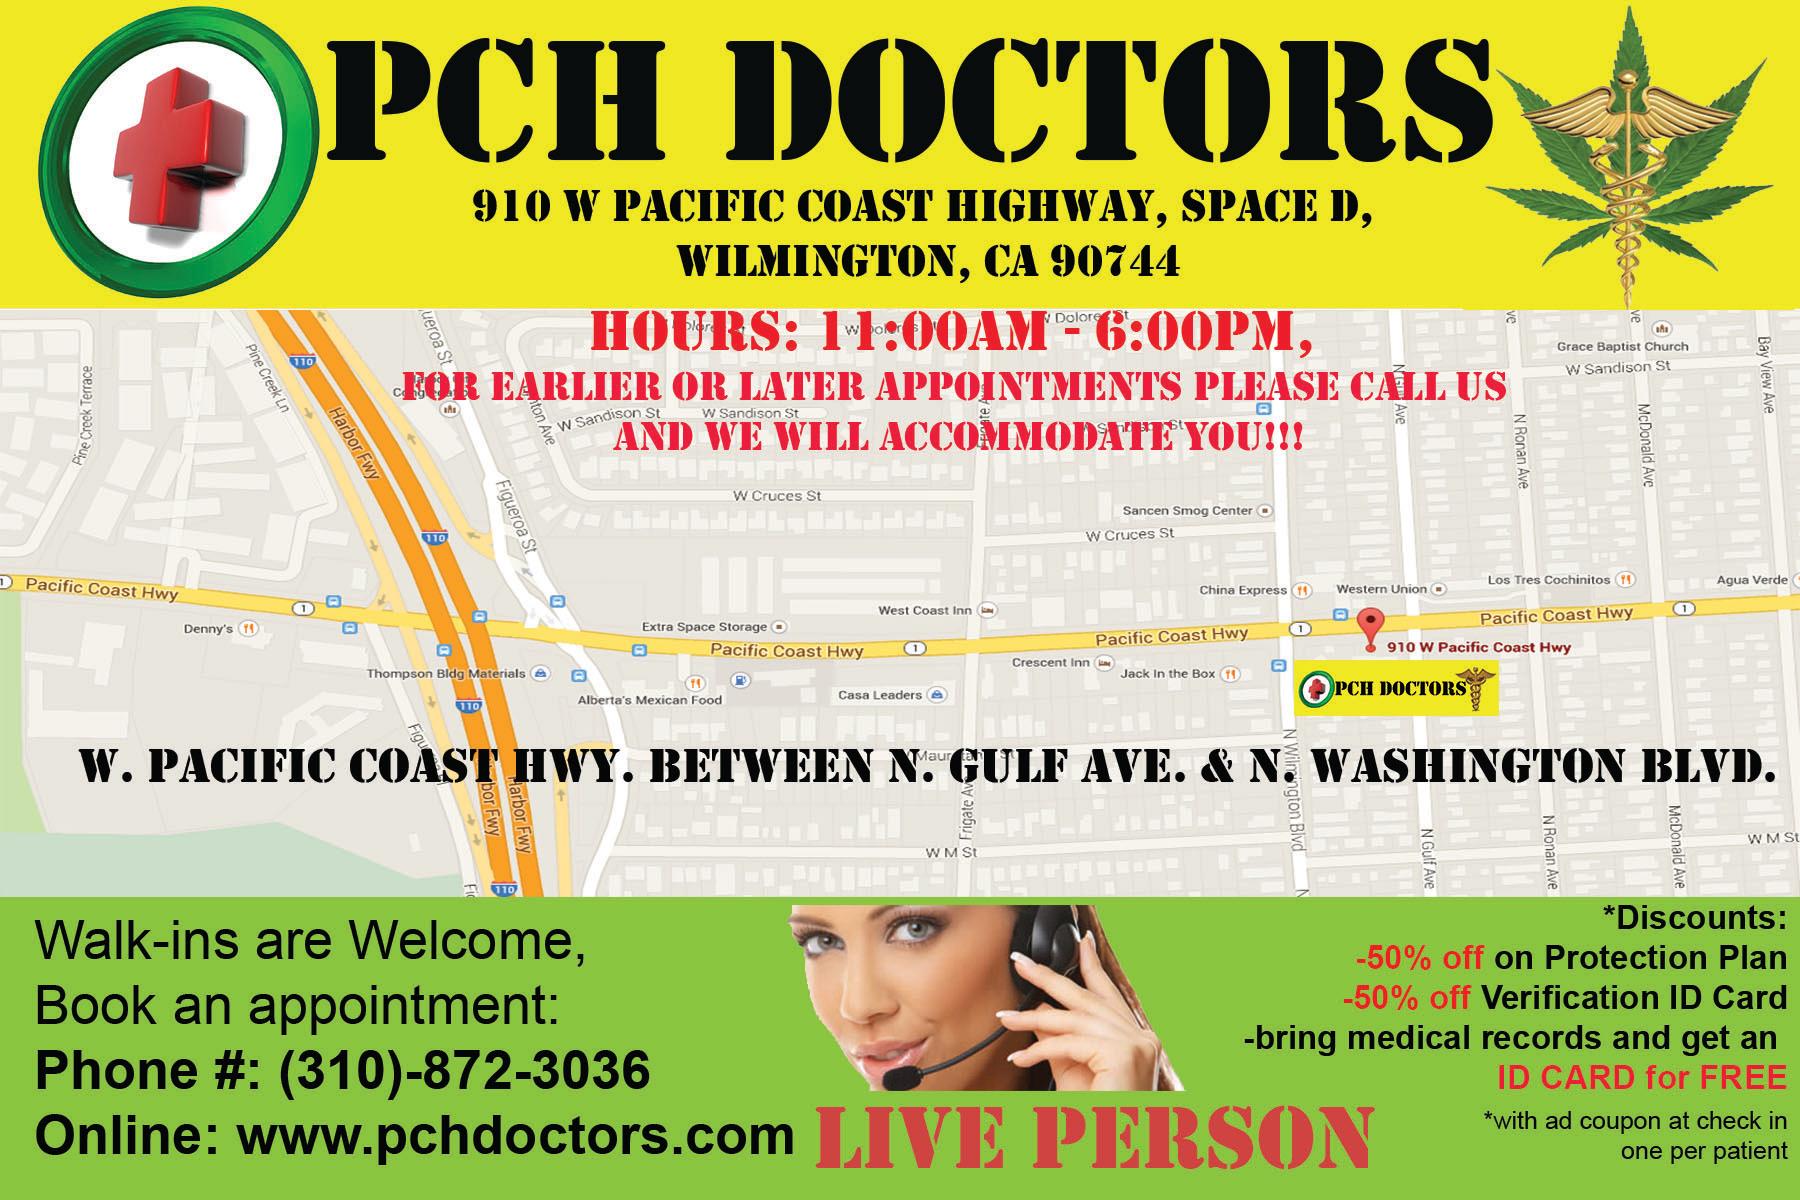 PCH Doctors